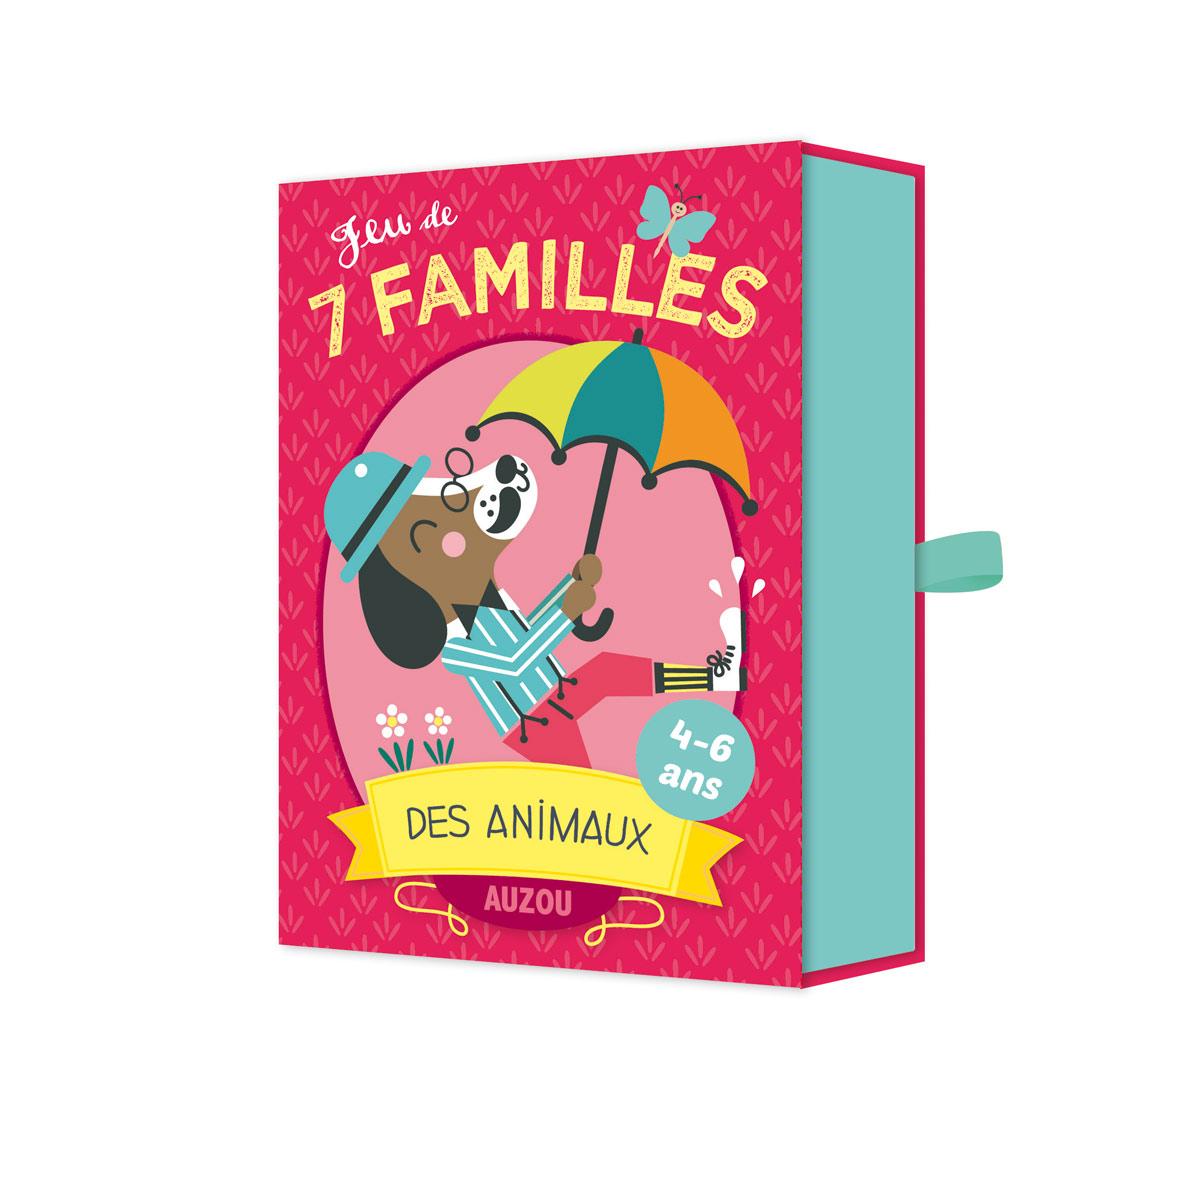 Jeu De 7 Familles Des Animaux à Jeux Gratuits Pour Enfants De 3 Ans